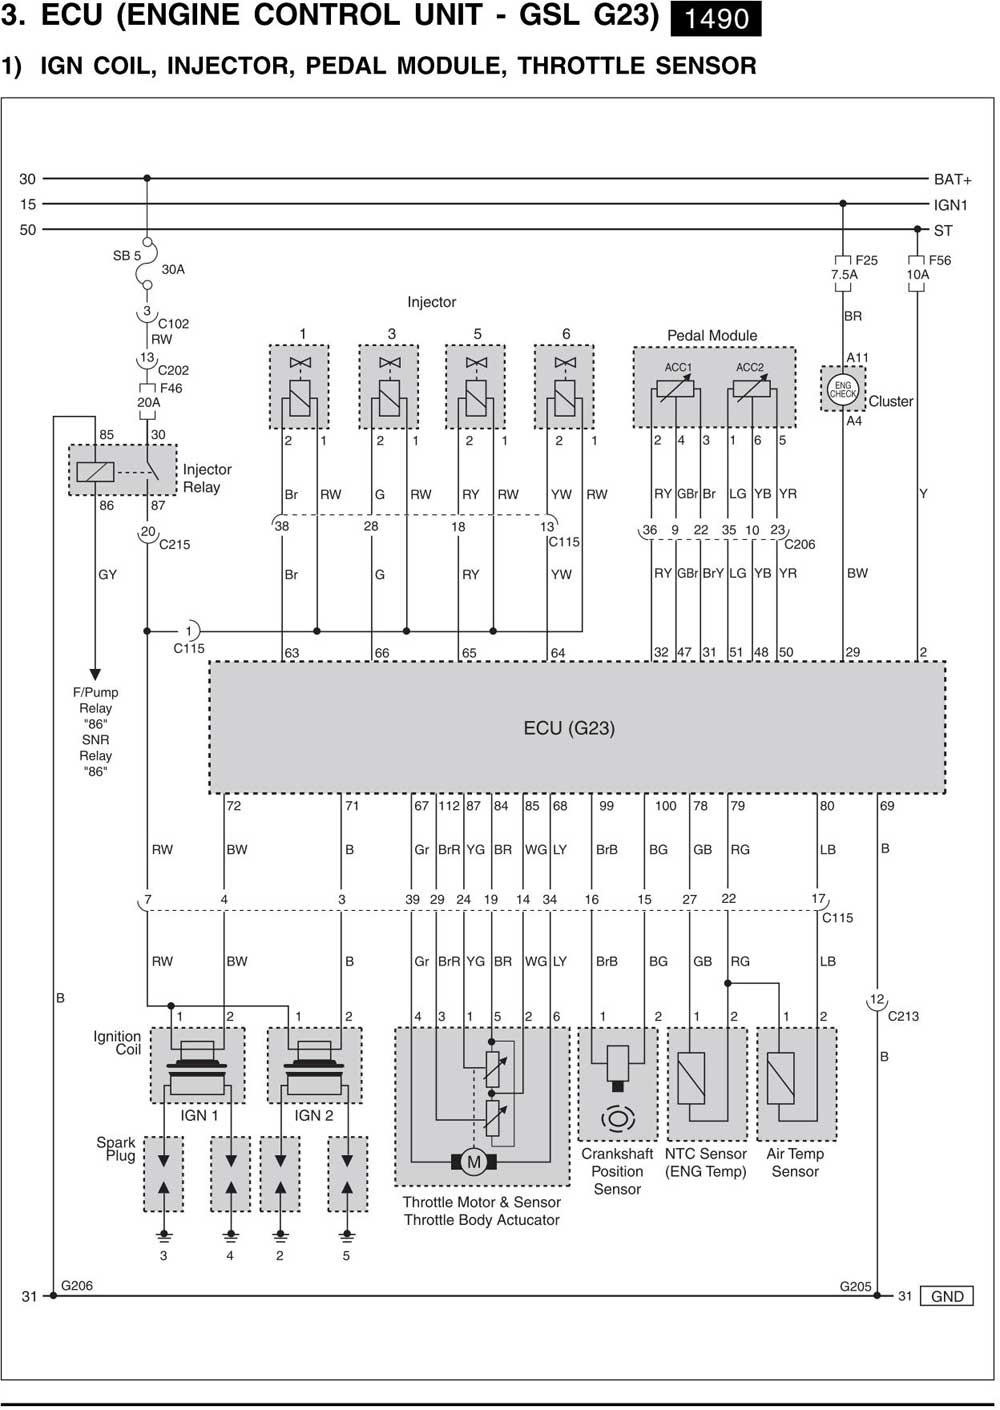 Схема мест в уральце